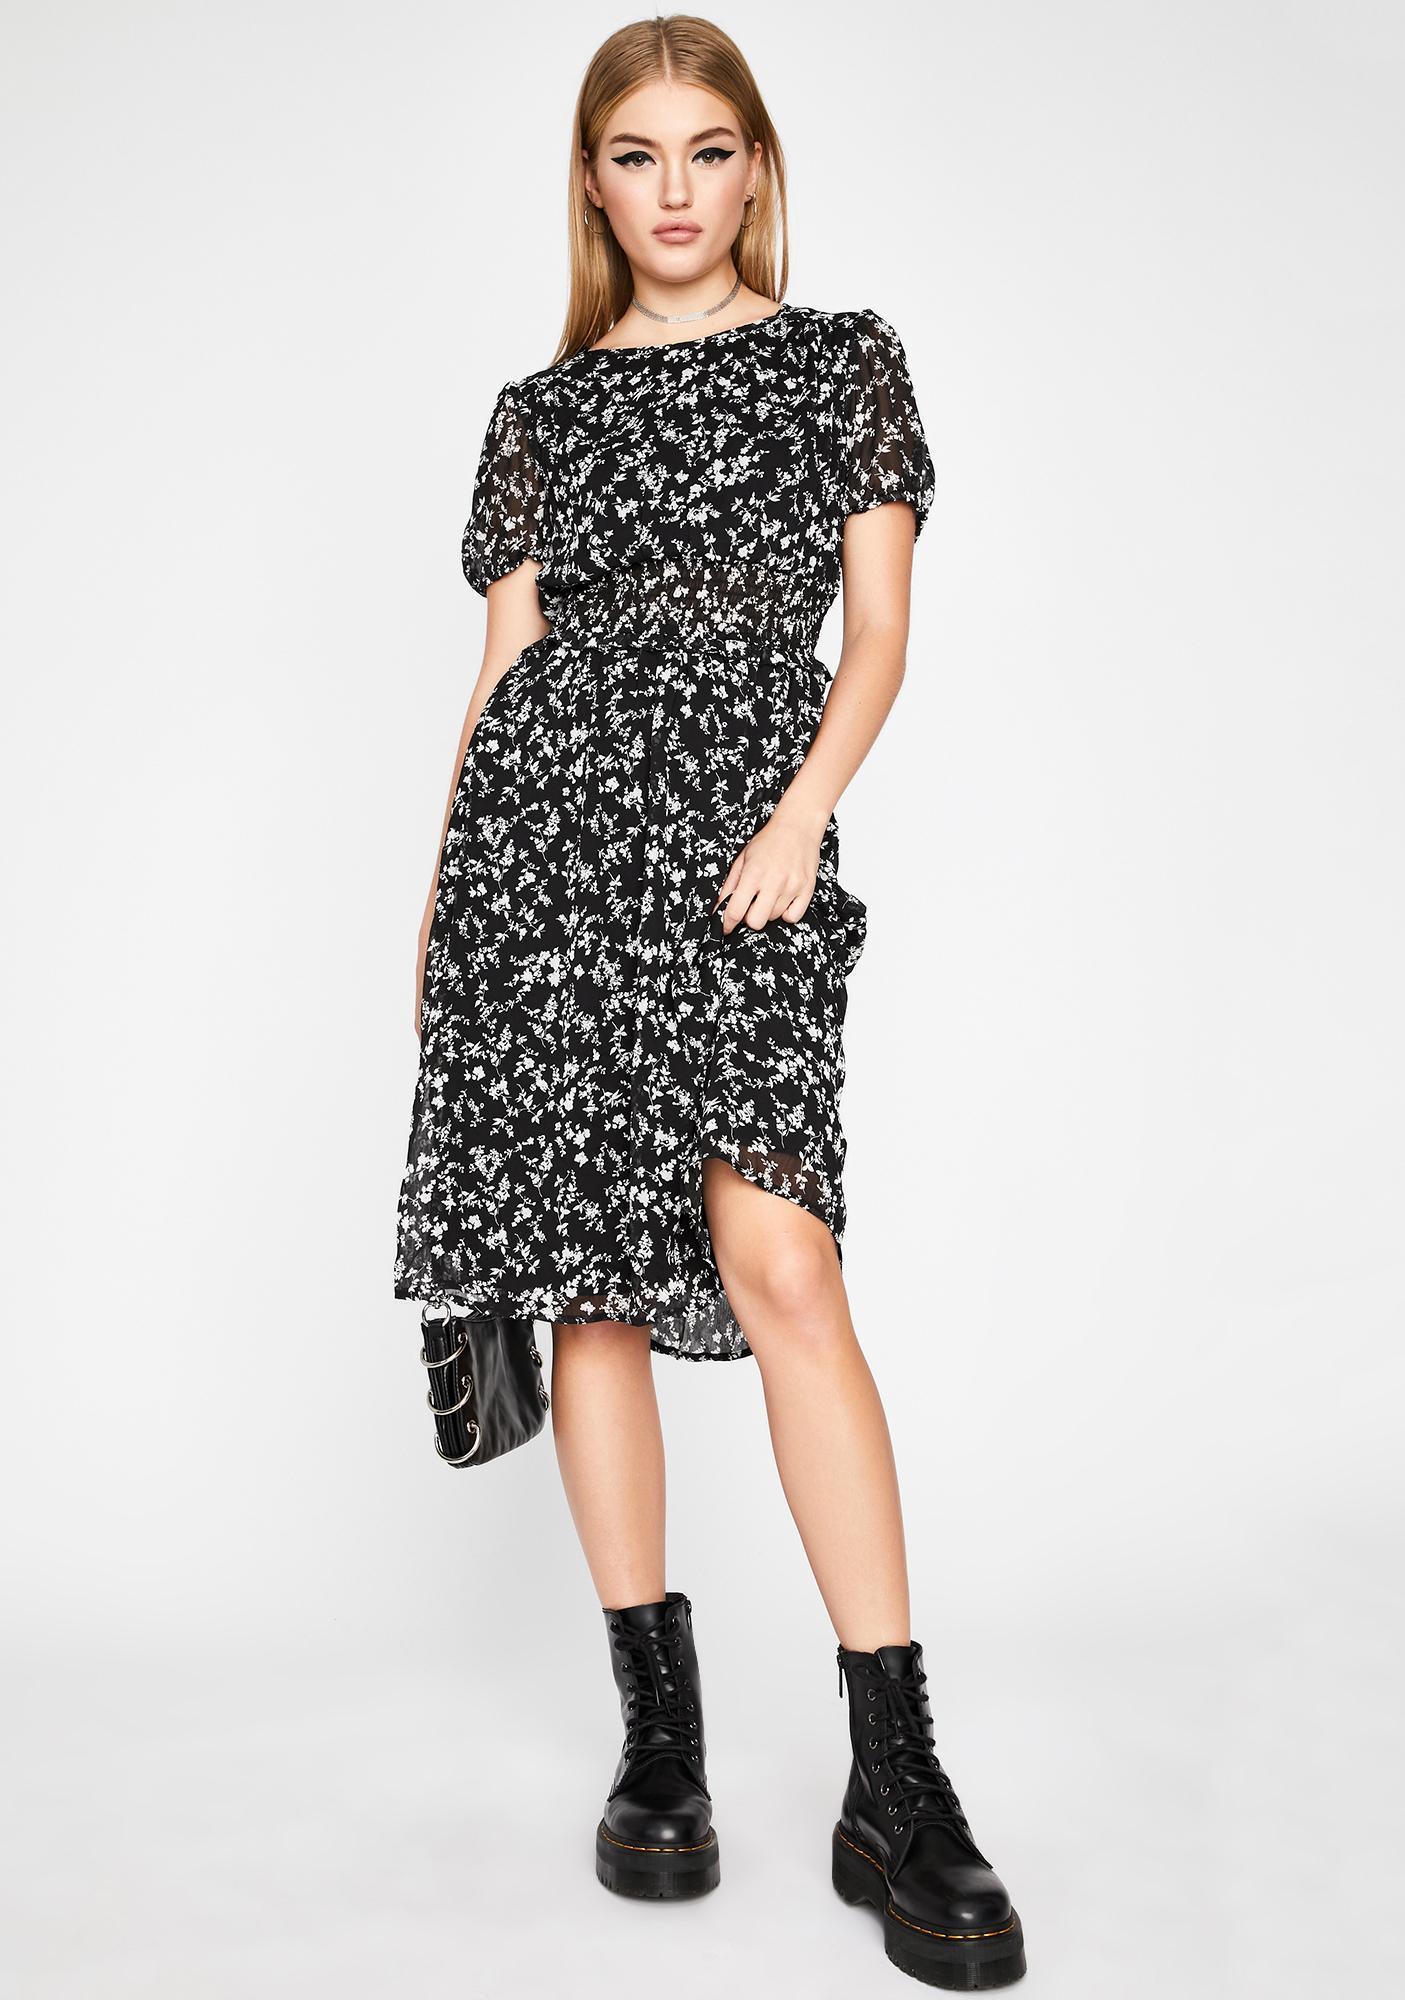 Gives You Life Midi Dress